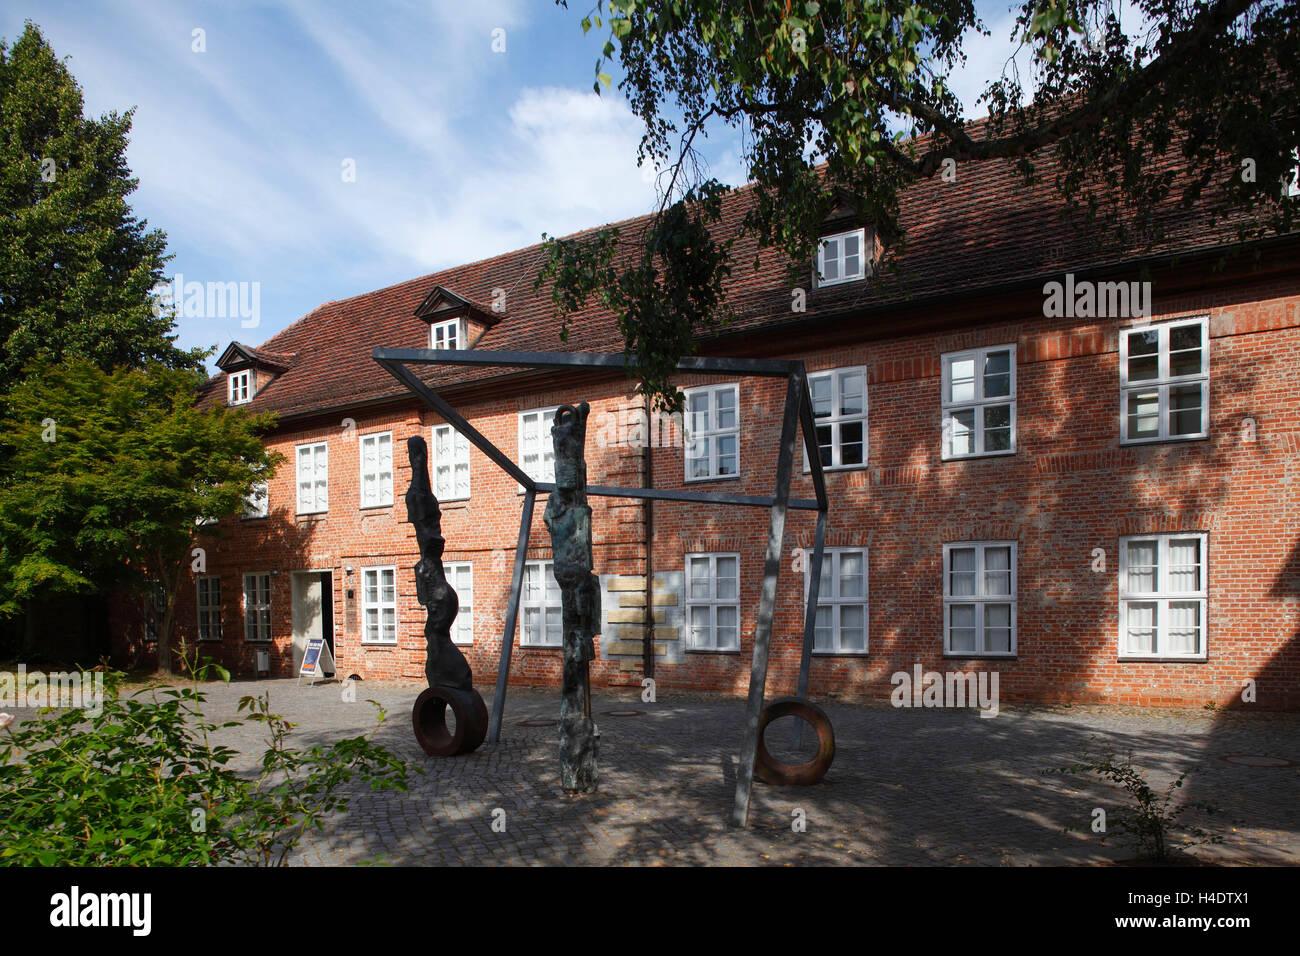 Schelfstadt with cultural forum Schleswig - Holstein house, Schwerin, Mecklenburg-Western Pomerania, Germany, Europe Stock Photo